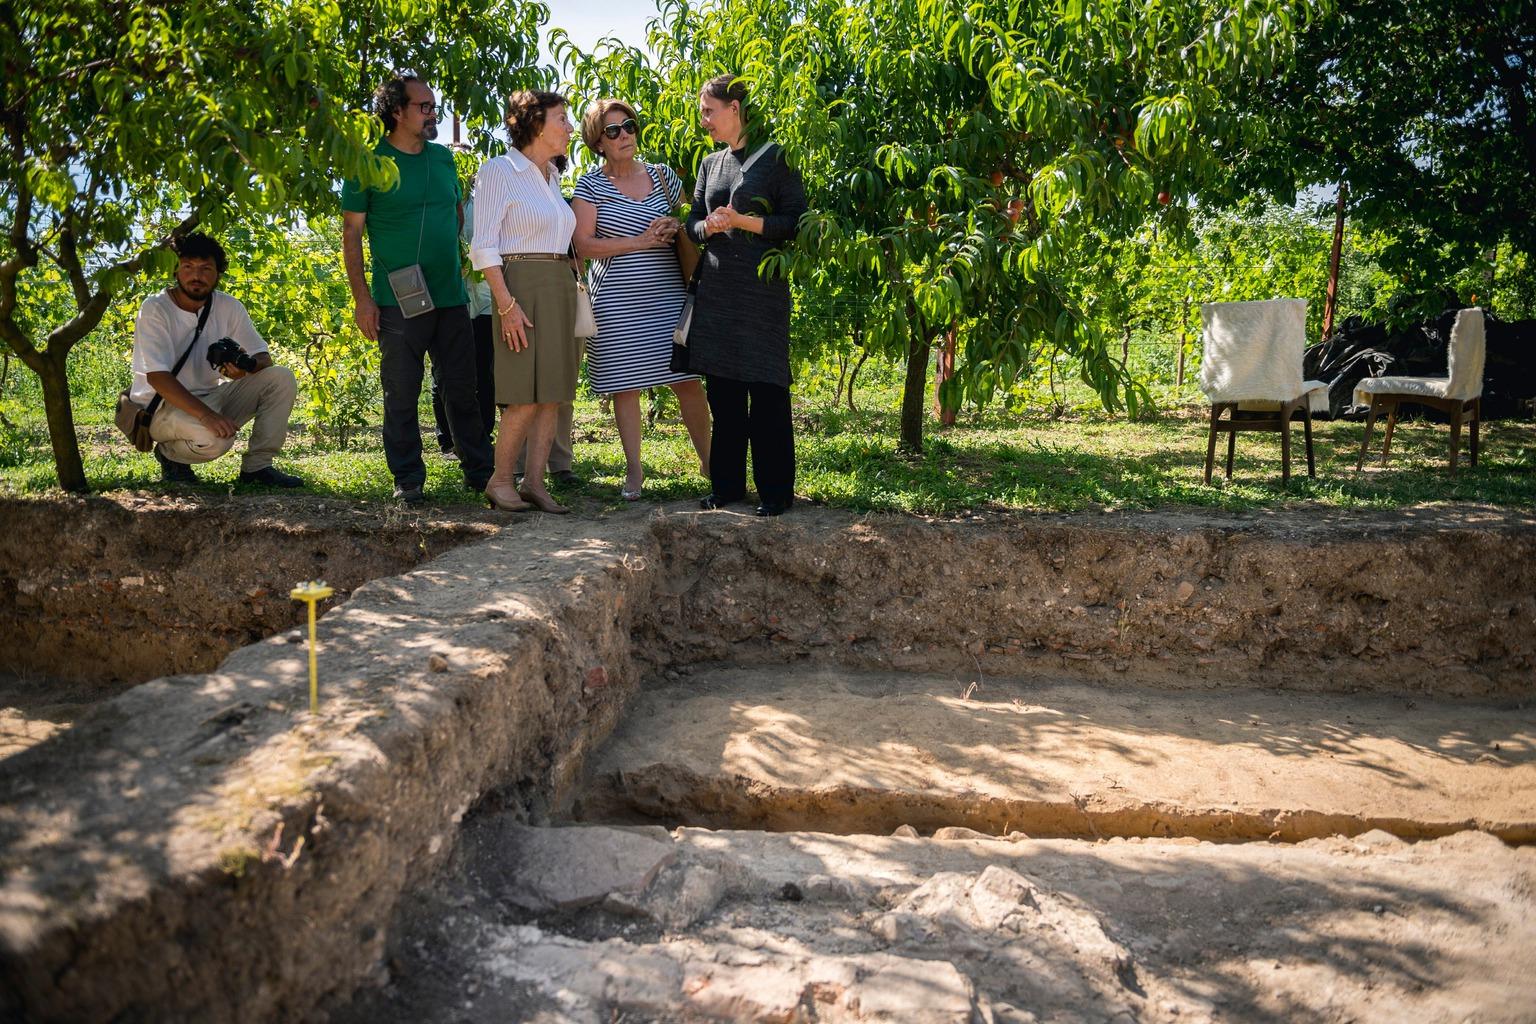 Szigetvár, 2016. július 5. Hancz Erika ásatásvezető régész (j) mutaja Mediha Nami Osmanoglu de Fernandeznek (j2) és Kenizé Mouradnak (j3), oszmán hercegnőknek I. Szulejmán török szultán feltételezett síremlékének feltárását Szigetvár közelében 2016. július 5-én. I. Szulejmán Szigetvárnál halt meg, testét Isztambulba vitték, belső szerveit ugyanakkor a legenda szerint kivették és a helyszínen eltemették. A legjelentősebb oszmán uralkodóként tisztelt Szulejmán sírhelye a 17. században elpusztult, azóta elveszett a helyének pontos emlékezete. MTI Fotó: Sóki Tamás